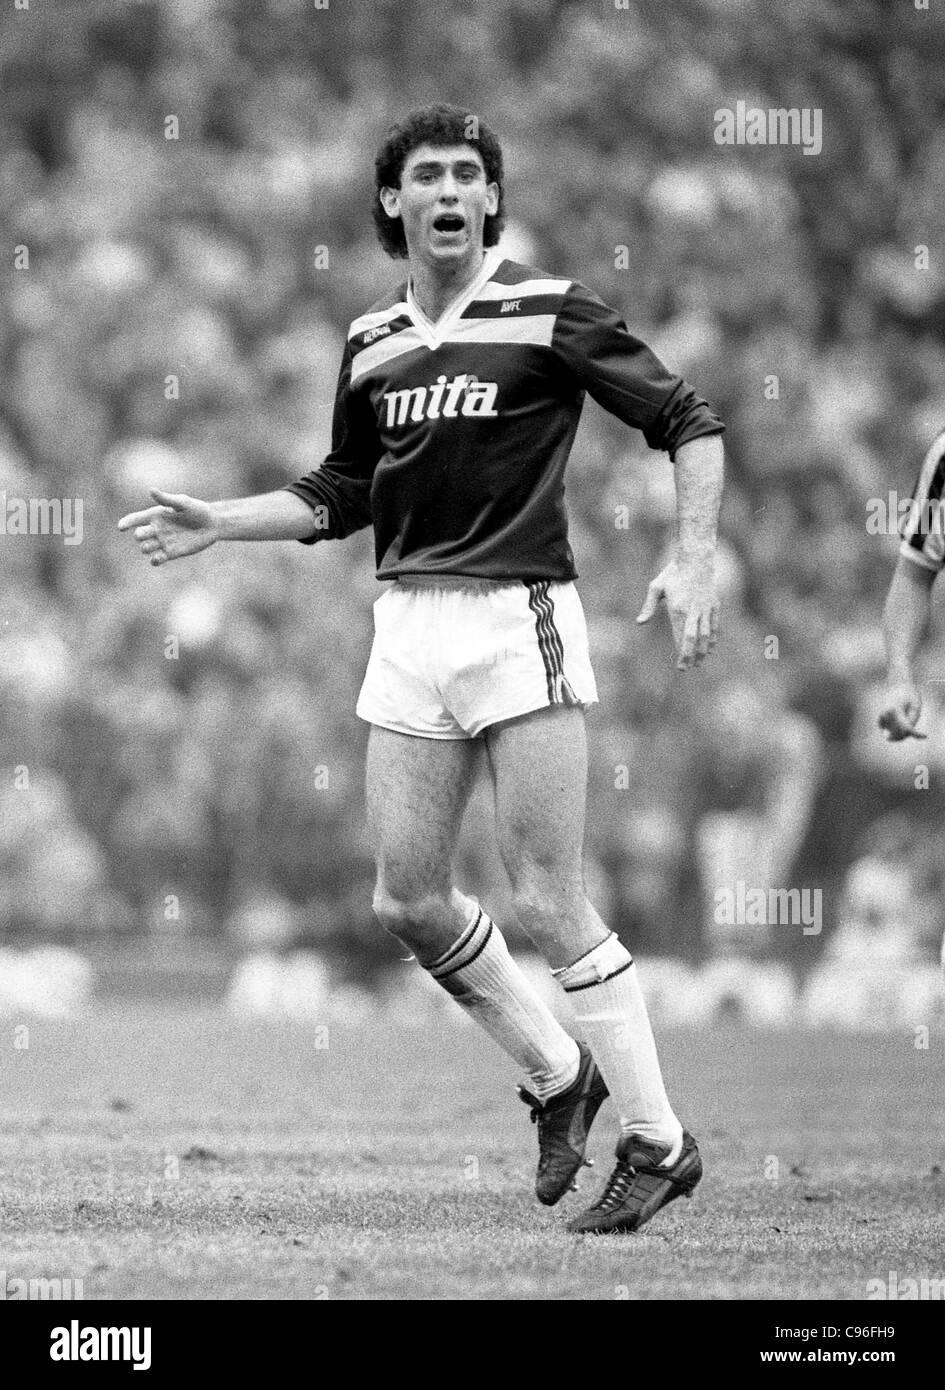 Aston Villa v Queens Park Rangers at Villa Park 7/2/87 Martin Keown - Stock Image